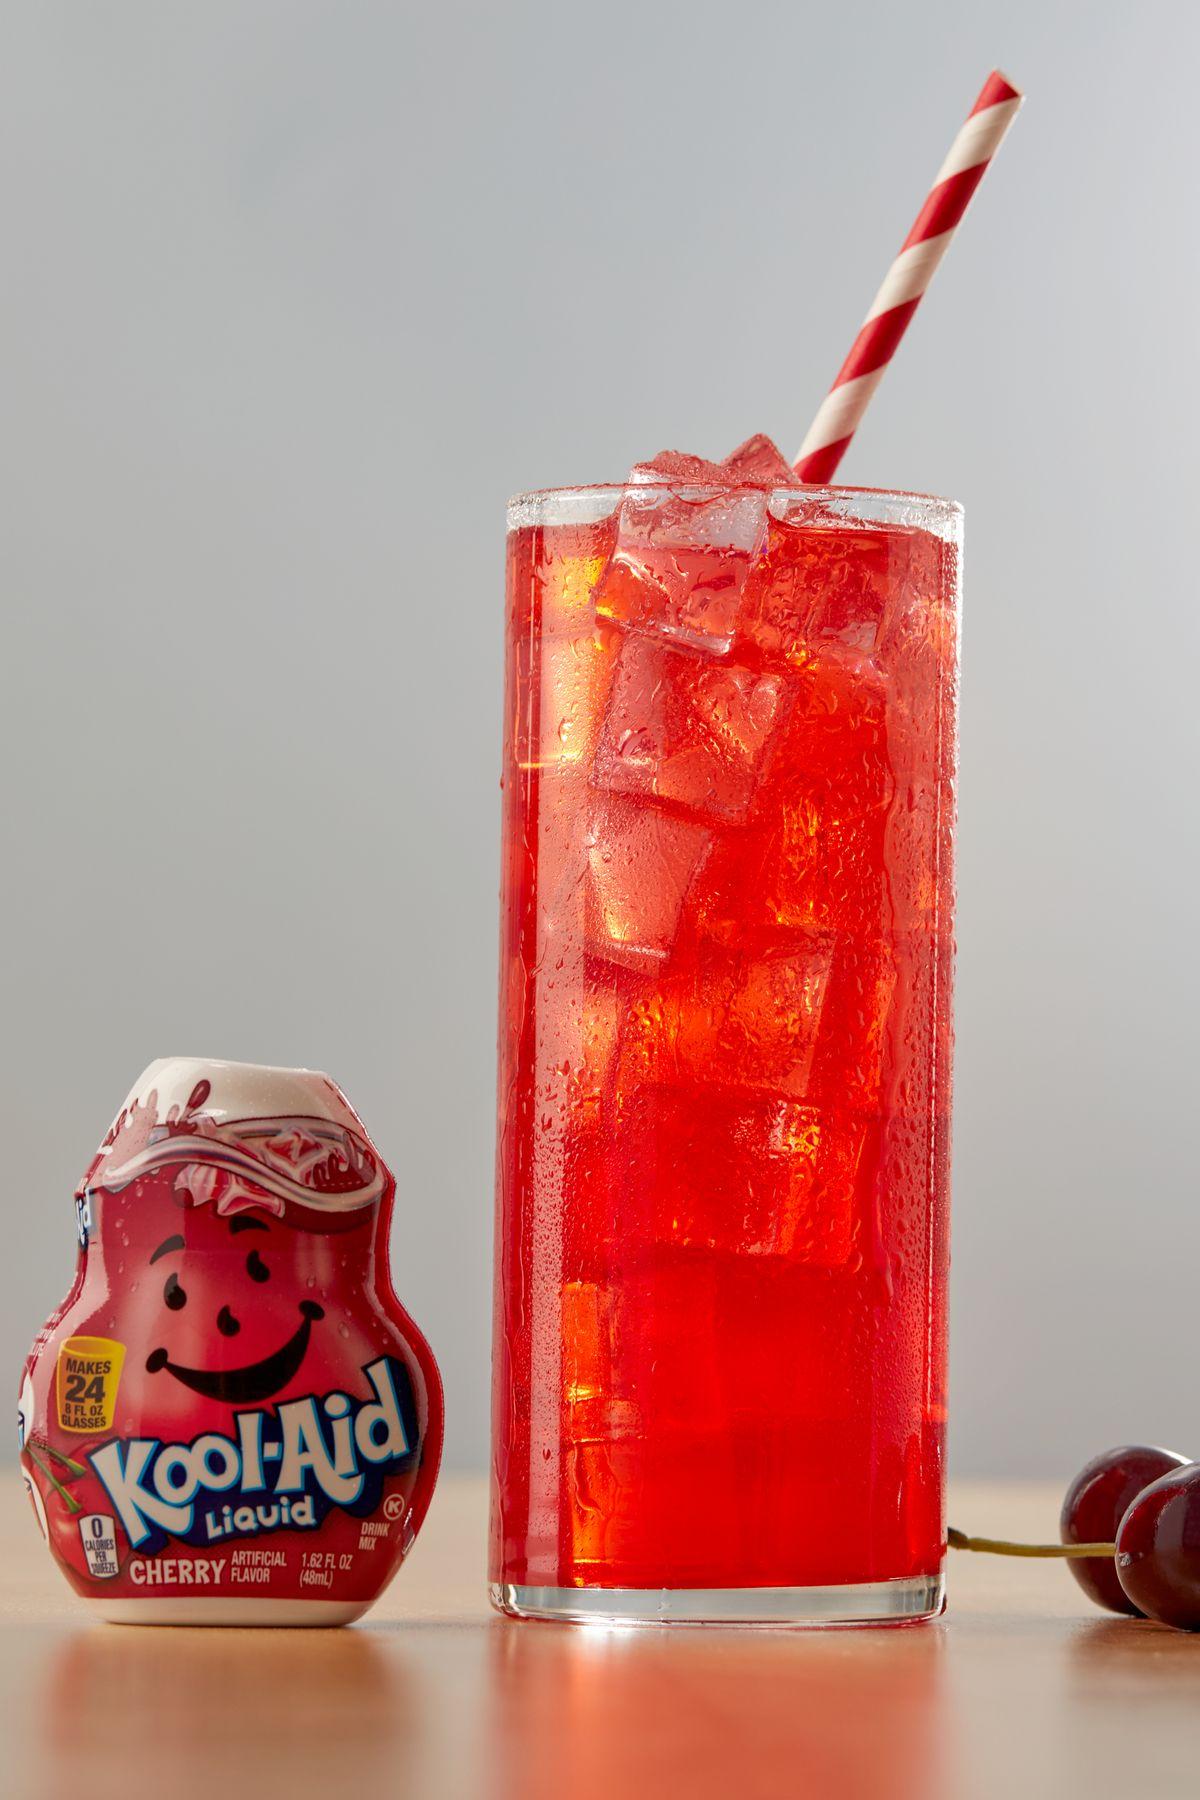 Kool-Aid, Kraft-Heinz